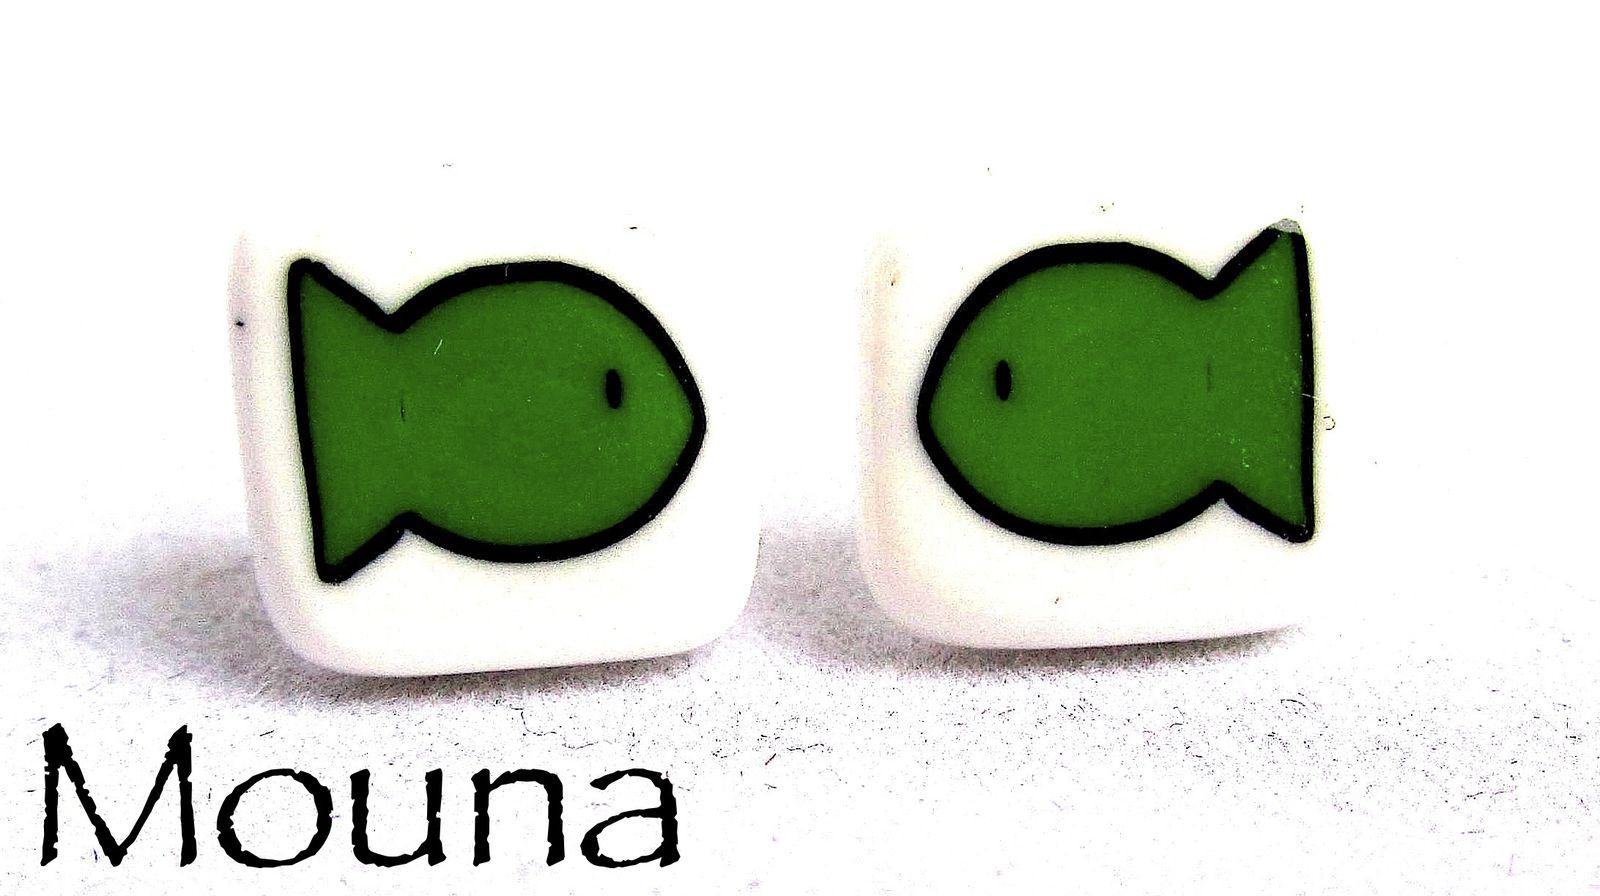 Tarifs: 7 à 9 euros/paire de boucles d'oreilles (pour connaître la disponibilité, cliquez sur la paire de boucles d'oreilles).